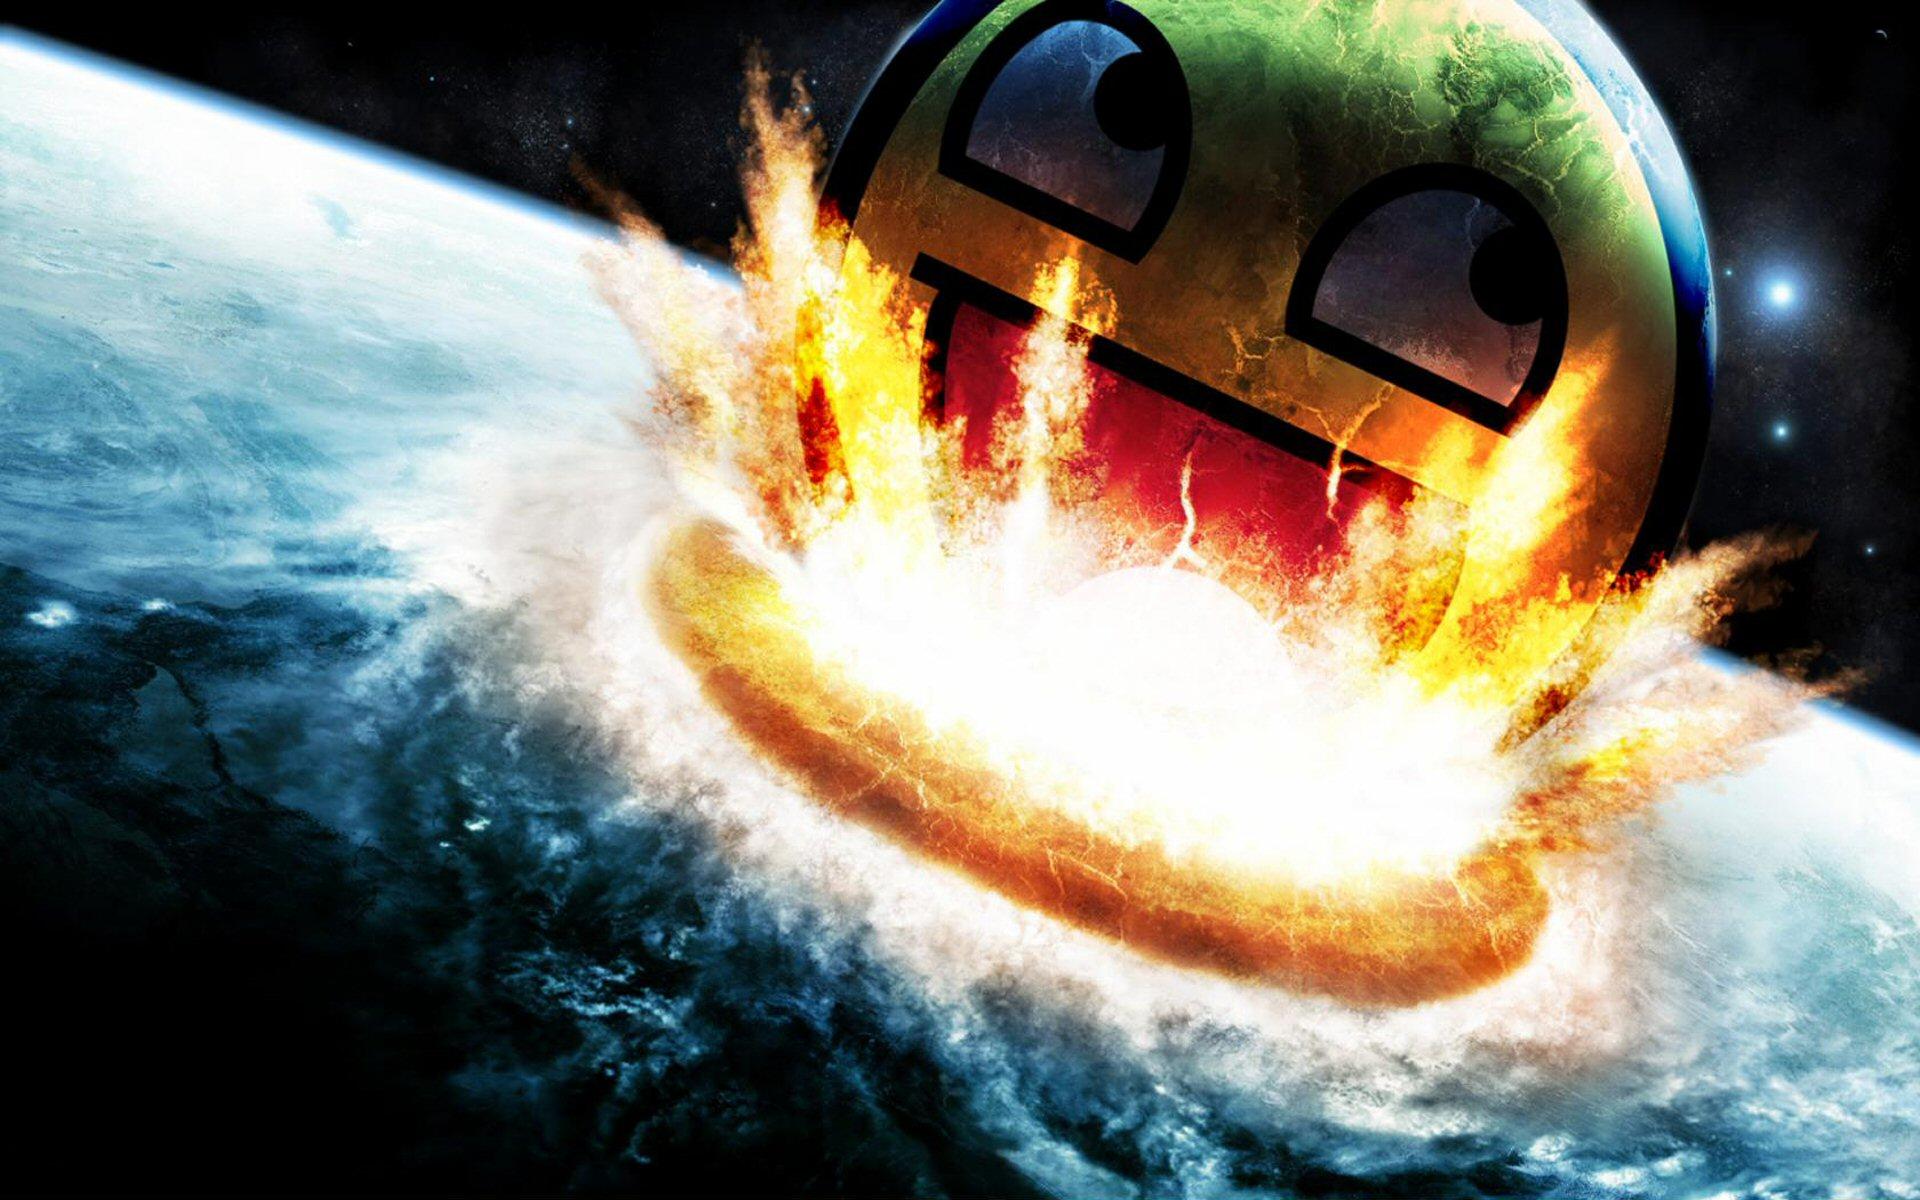 Smiley Face Crashing Into Earth wallpaper   903224 1920x1200